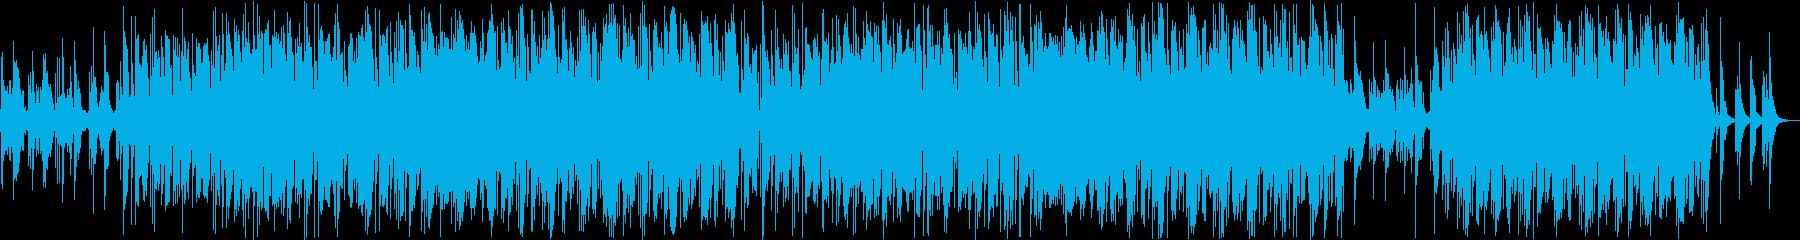 洋楽 フューチャポップ ED 切ない の再生済みの波形